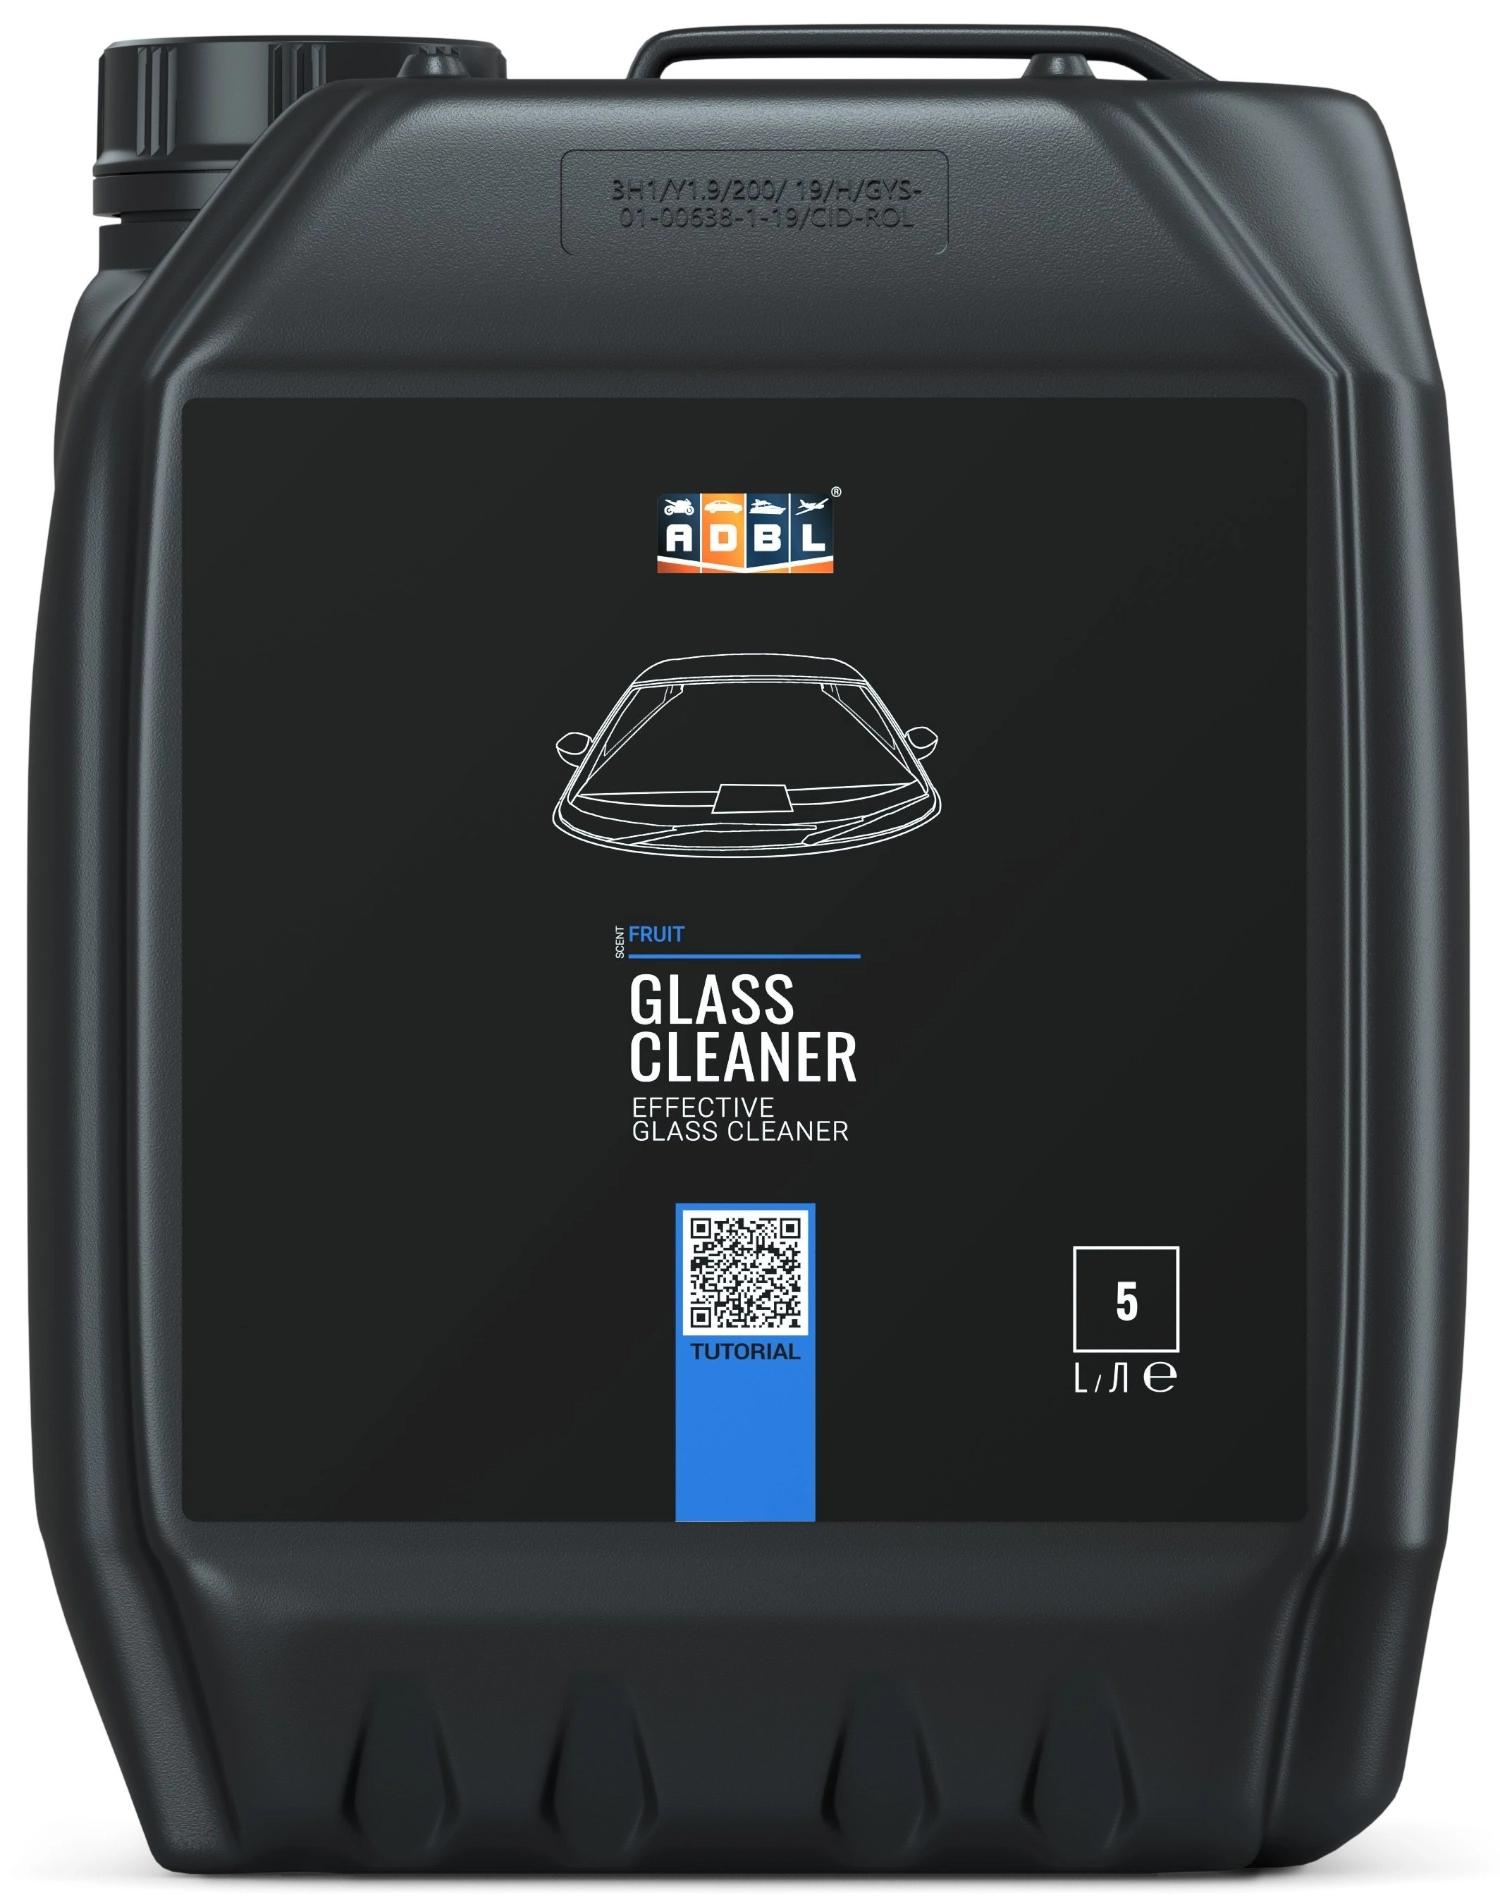 Image of Adbl glass cleaner – skuteczny płyn do mycia szyb i szkła 5l